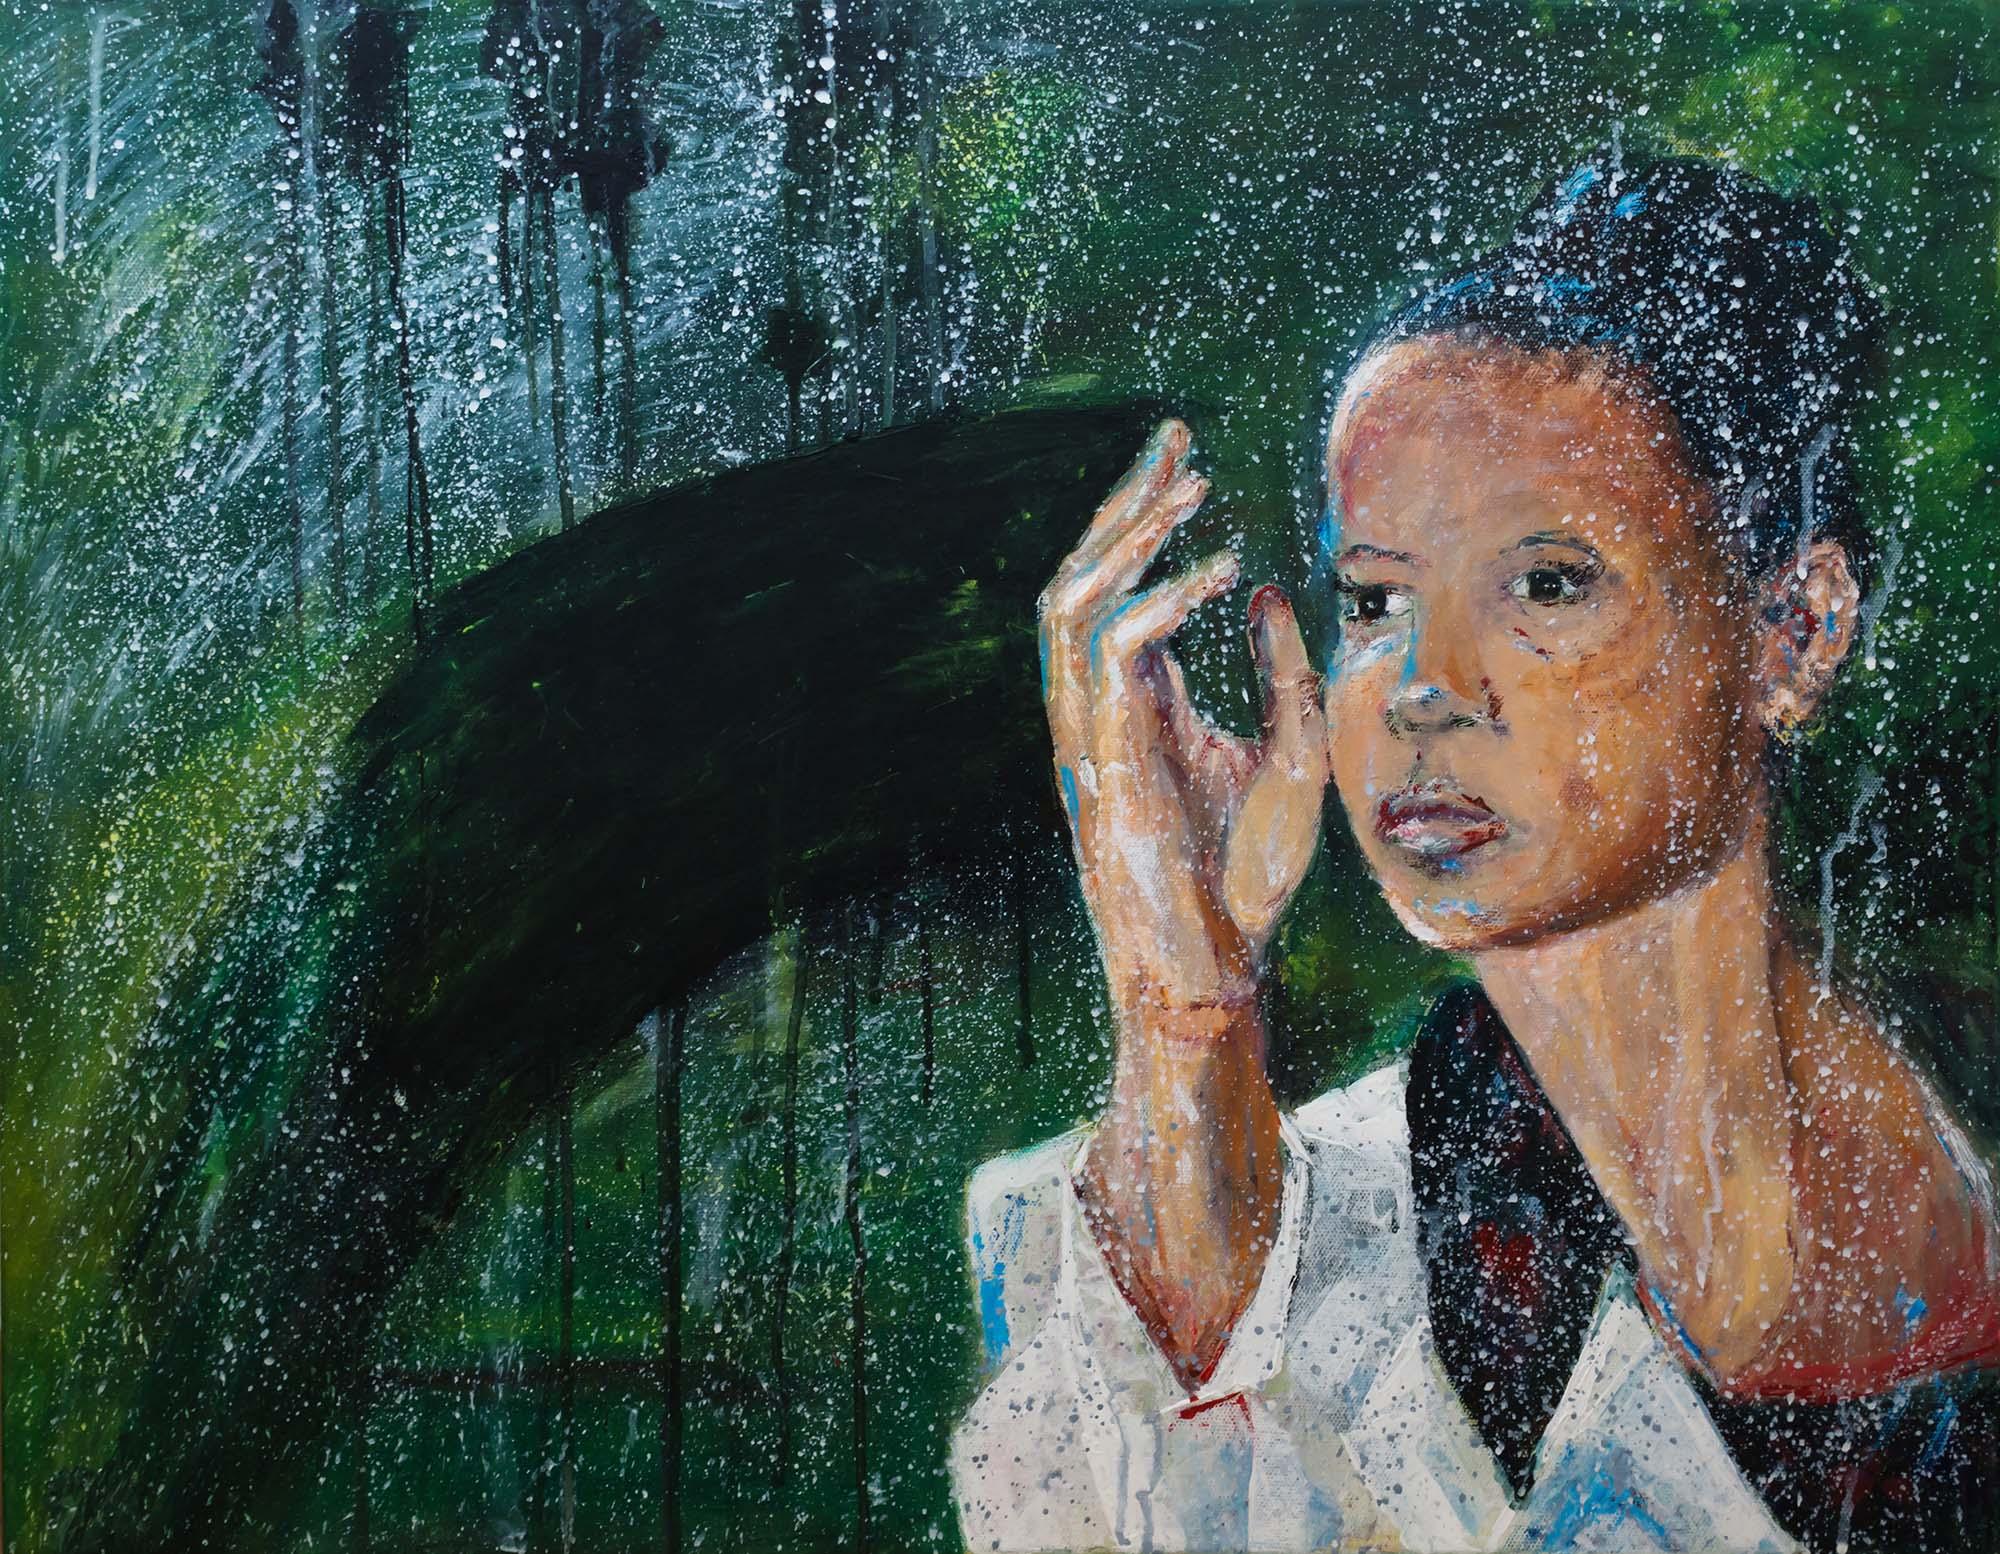 Woman behind rainy window by Ria Kieboom